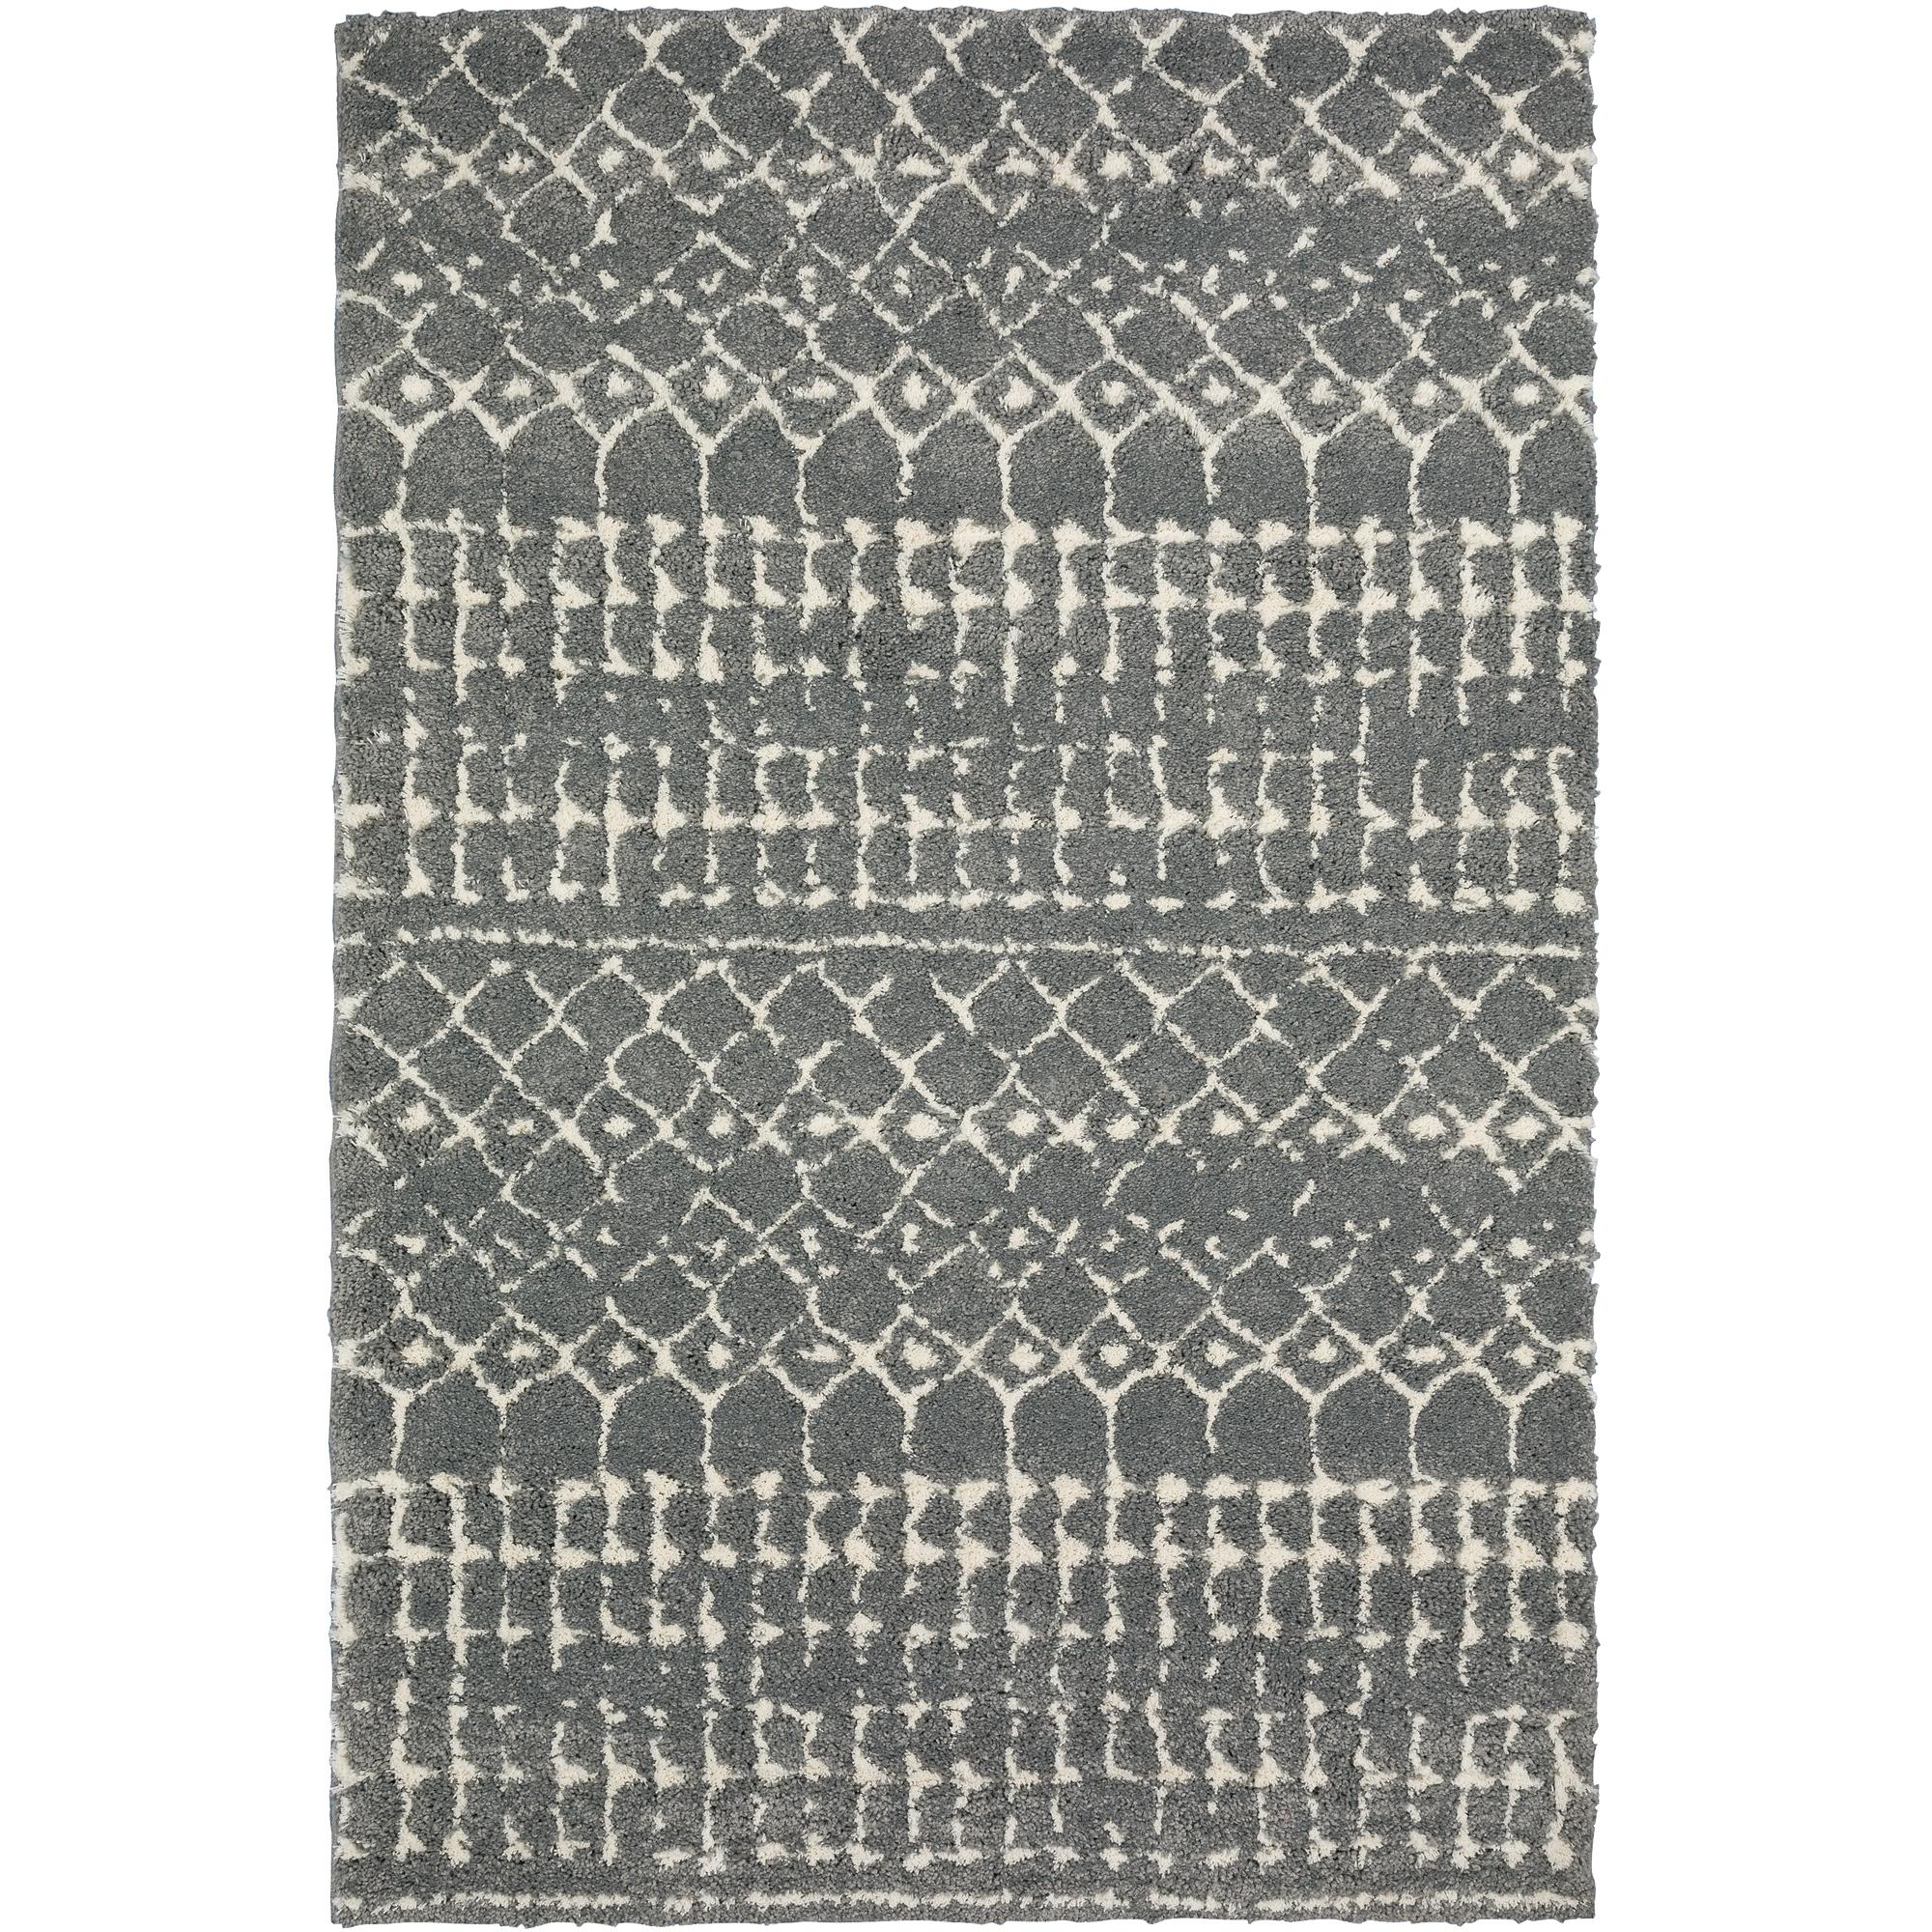 Dalyn Rug Company | Marquee Metal 9x13 Area Rug